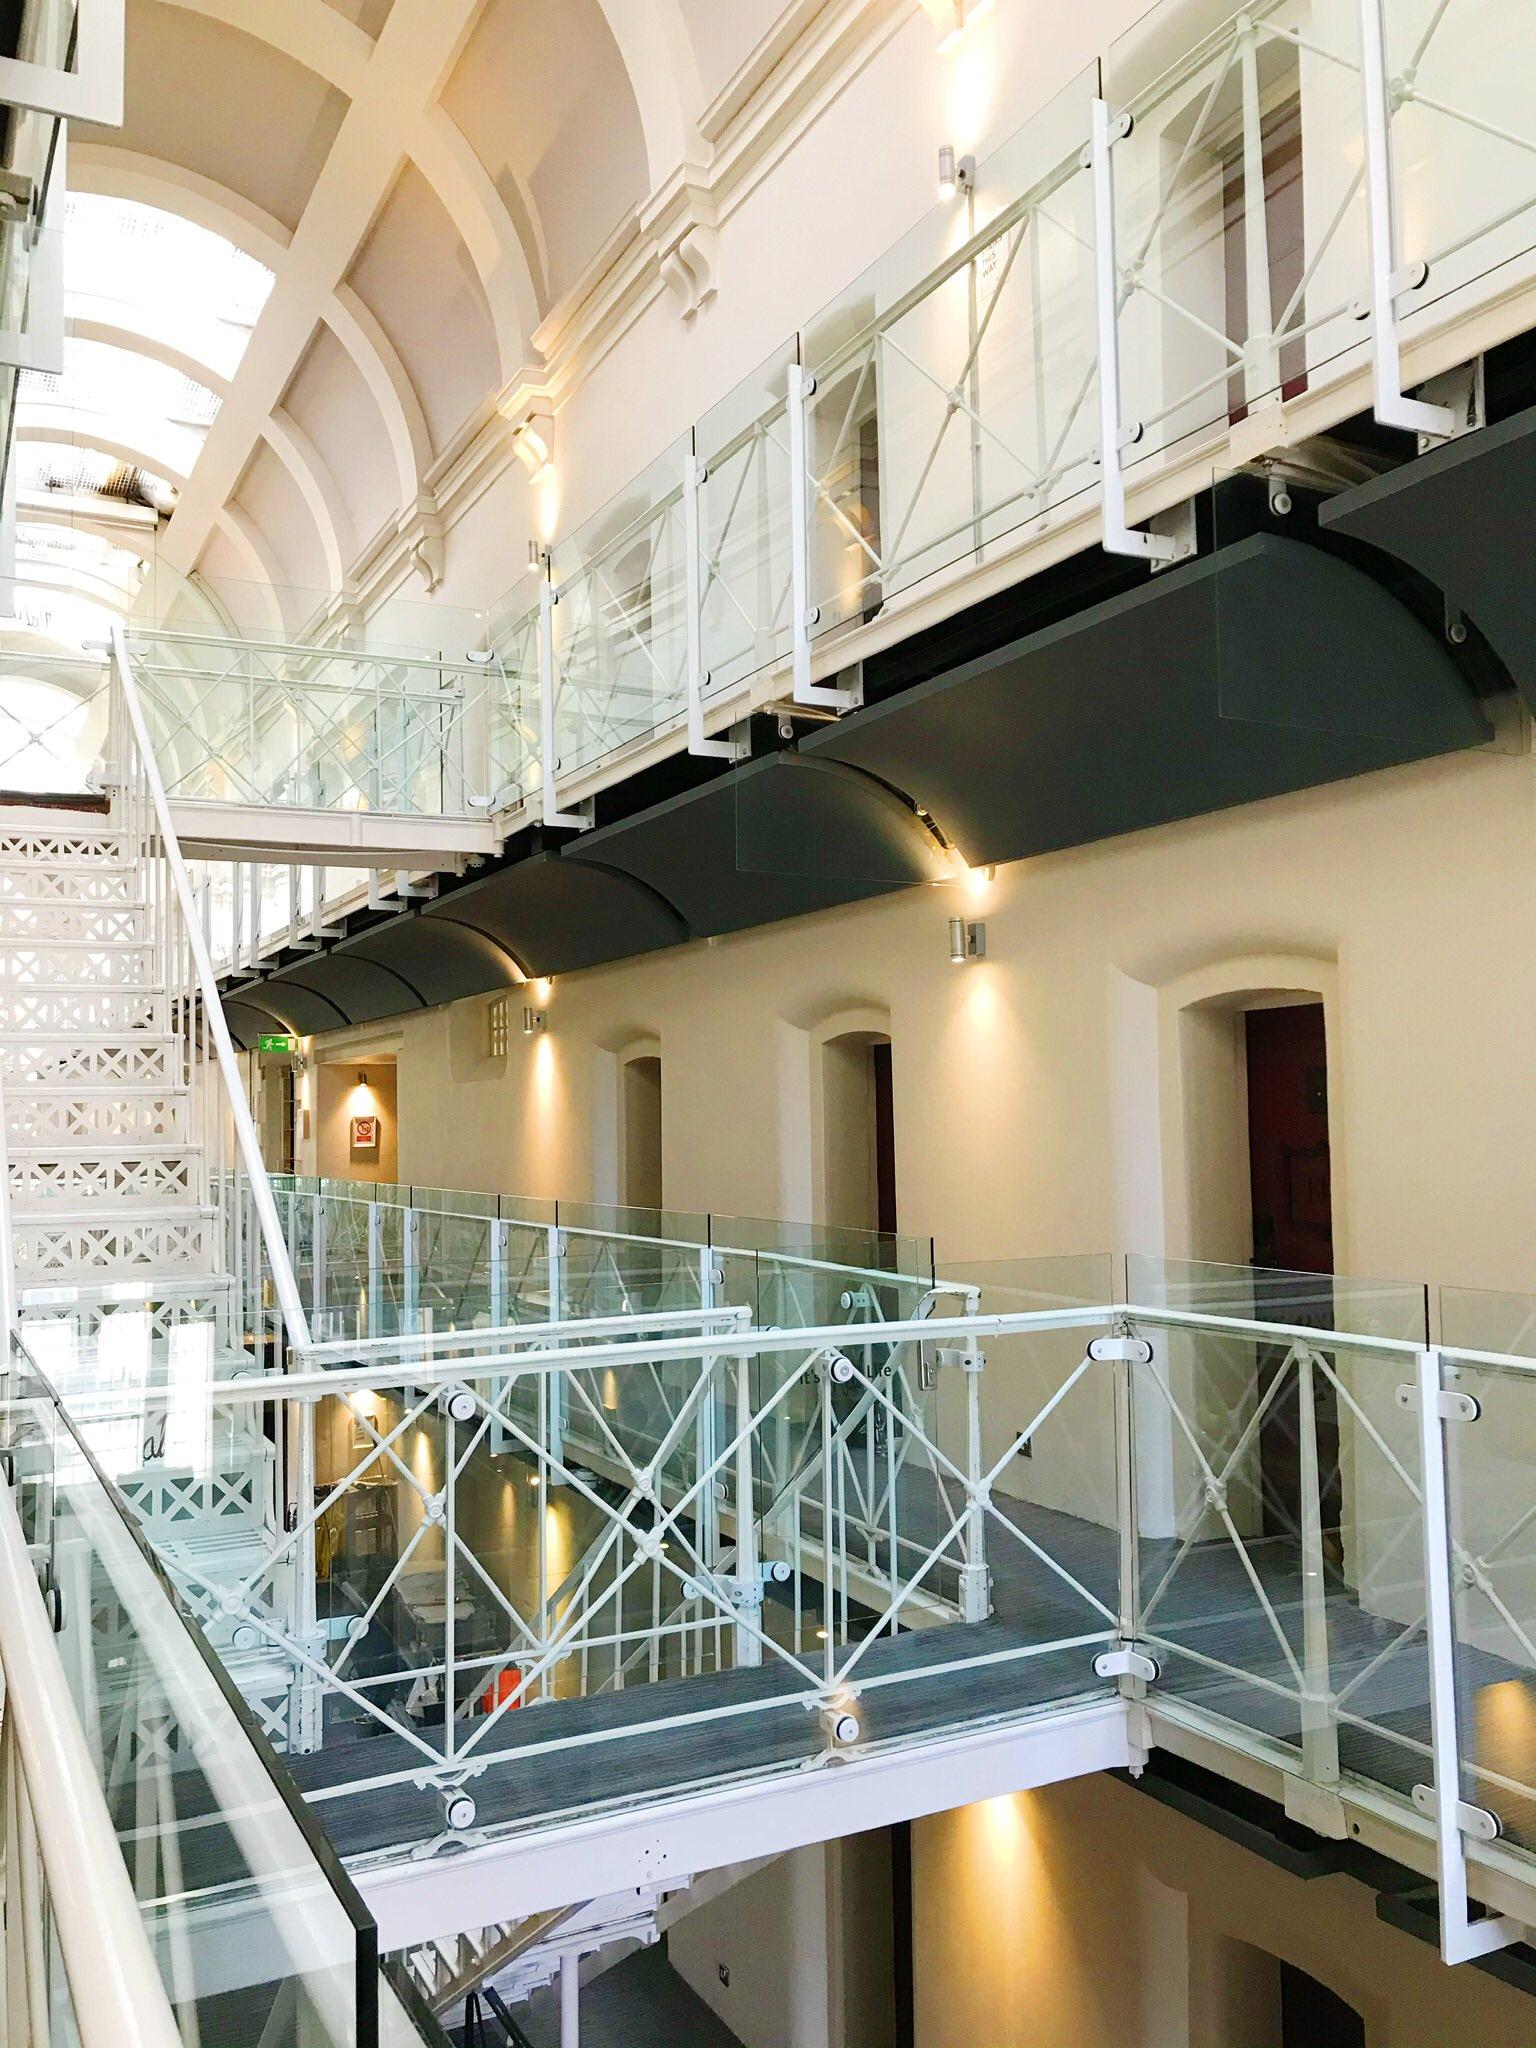 Malmaison Prison Hotel